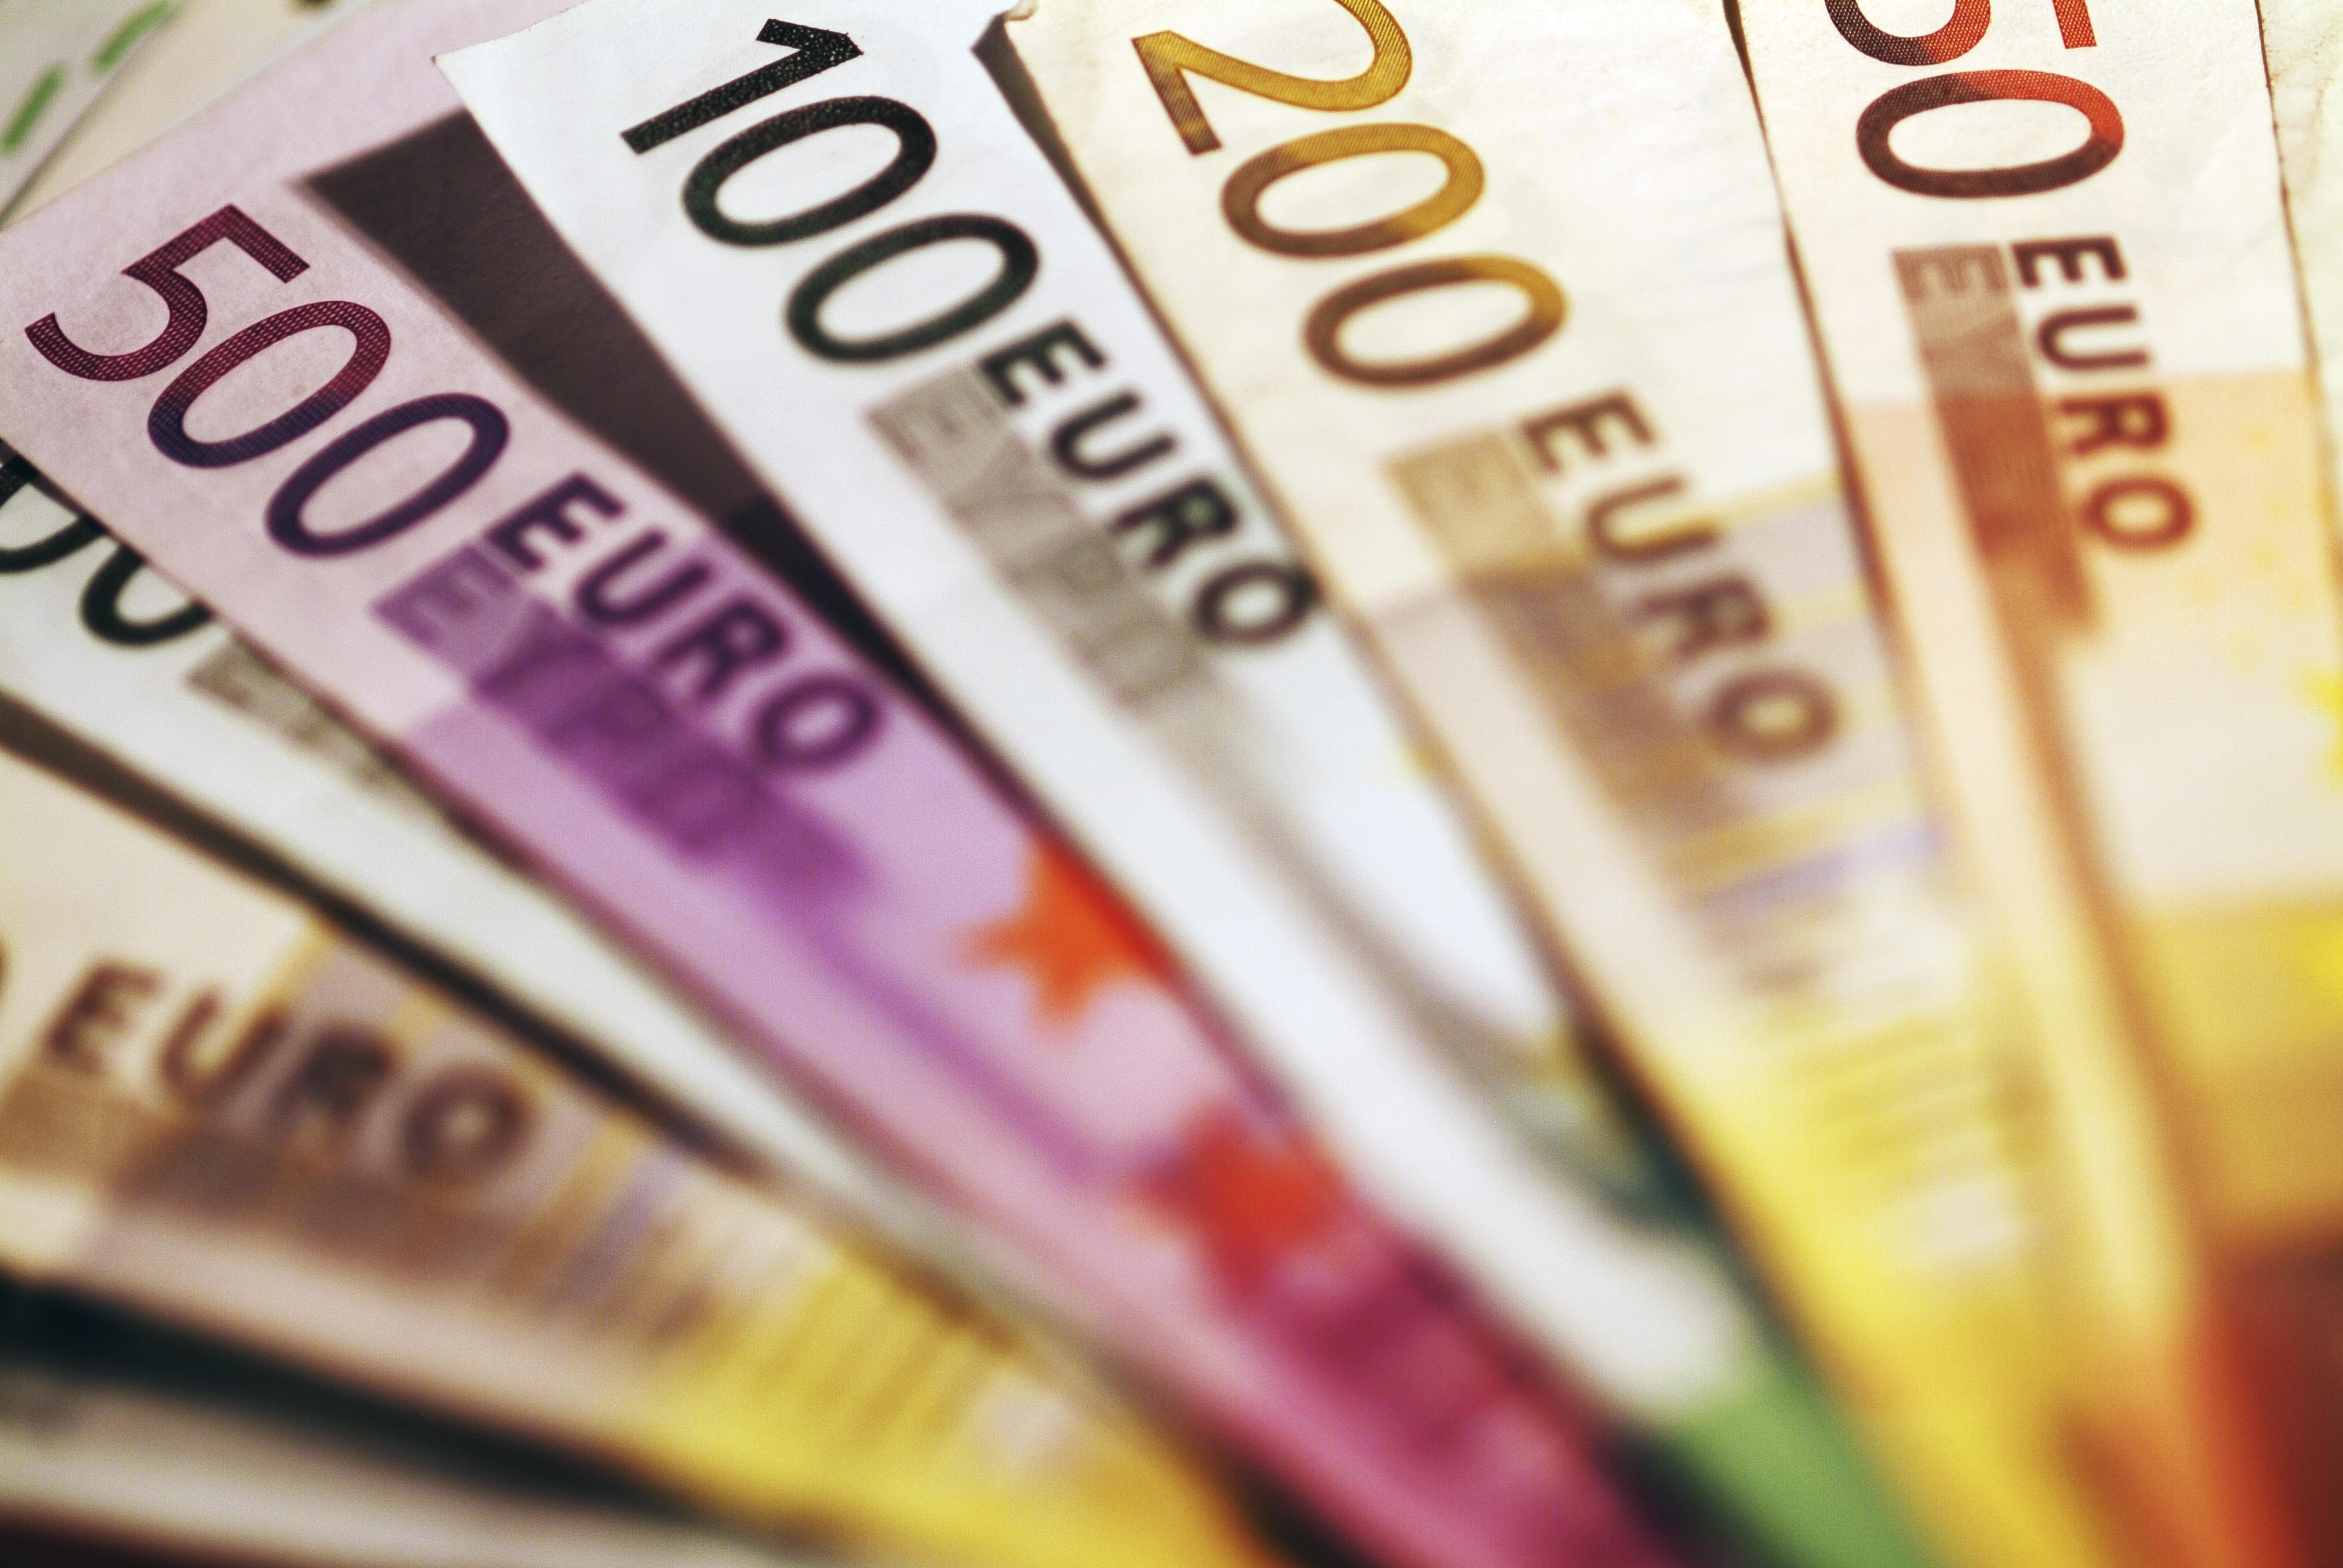 Οι νέοι φόροι βάζουν φωτιά σε προϊόντα και υπηρεσίες | tovima.gr